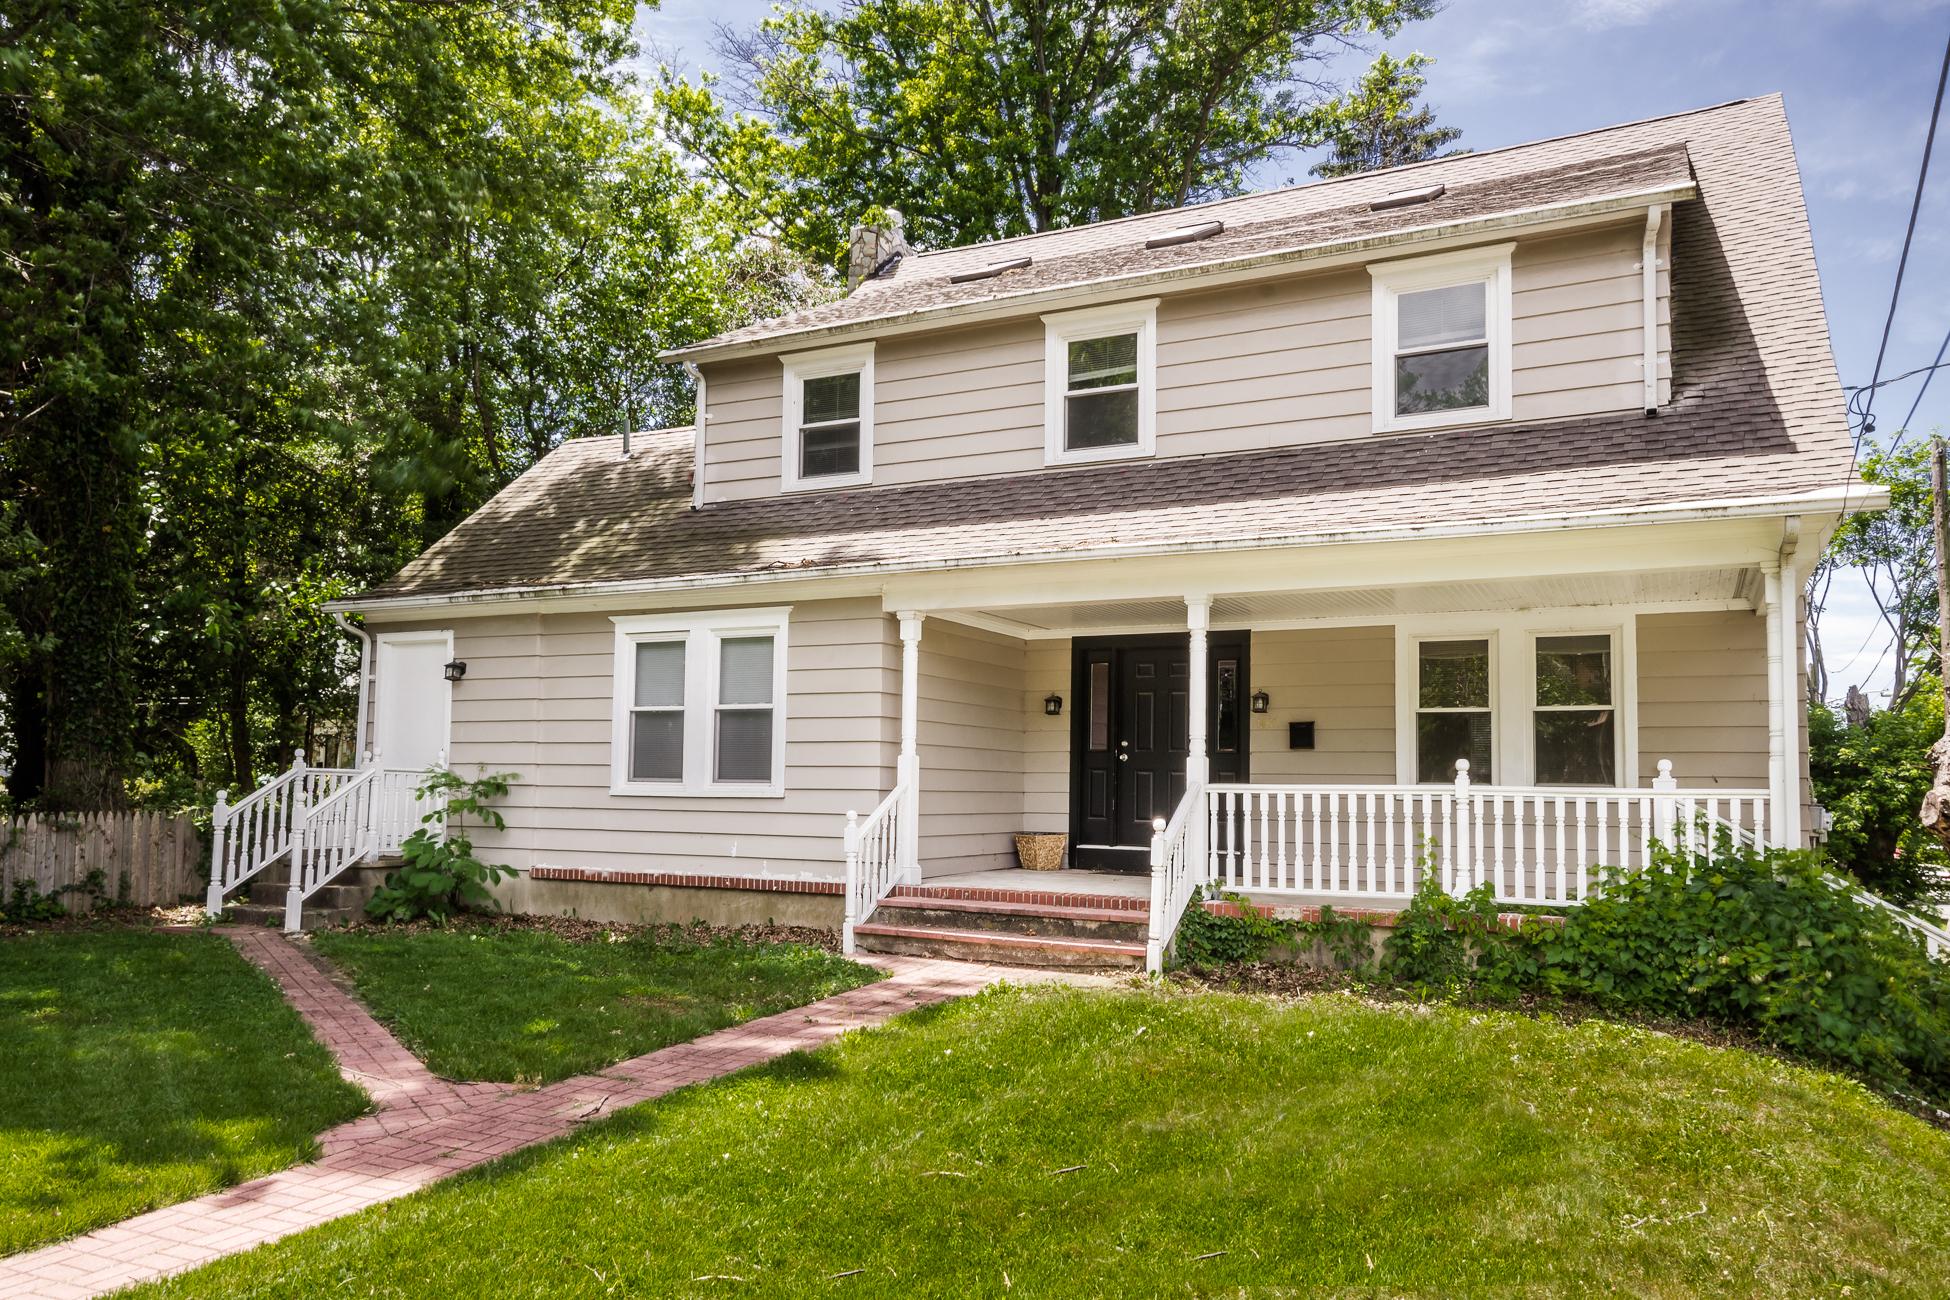 Maison unifamiliale pour l Vente à Convenient Location for Dignified Ewing Home 1457 Pennington Road Ewing, New Jersey, 08618 États-Unis